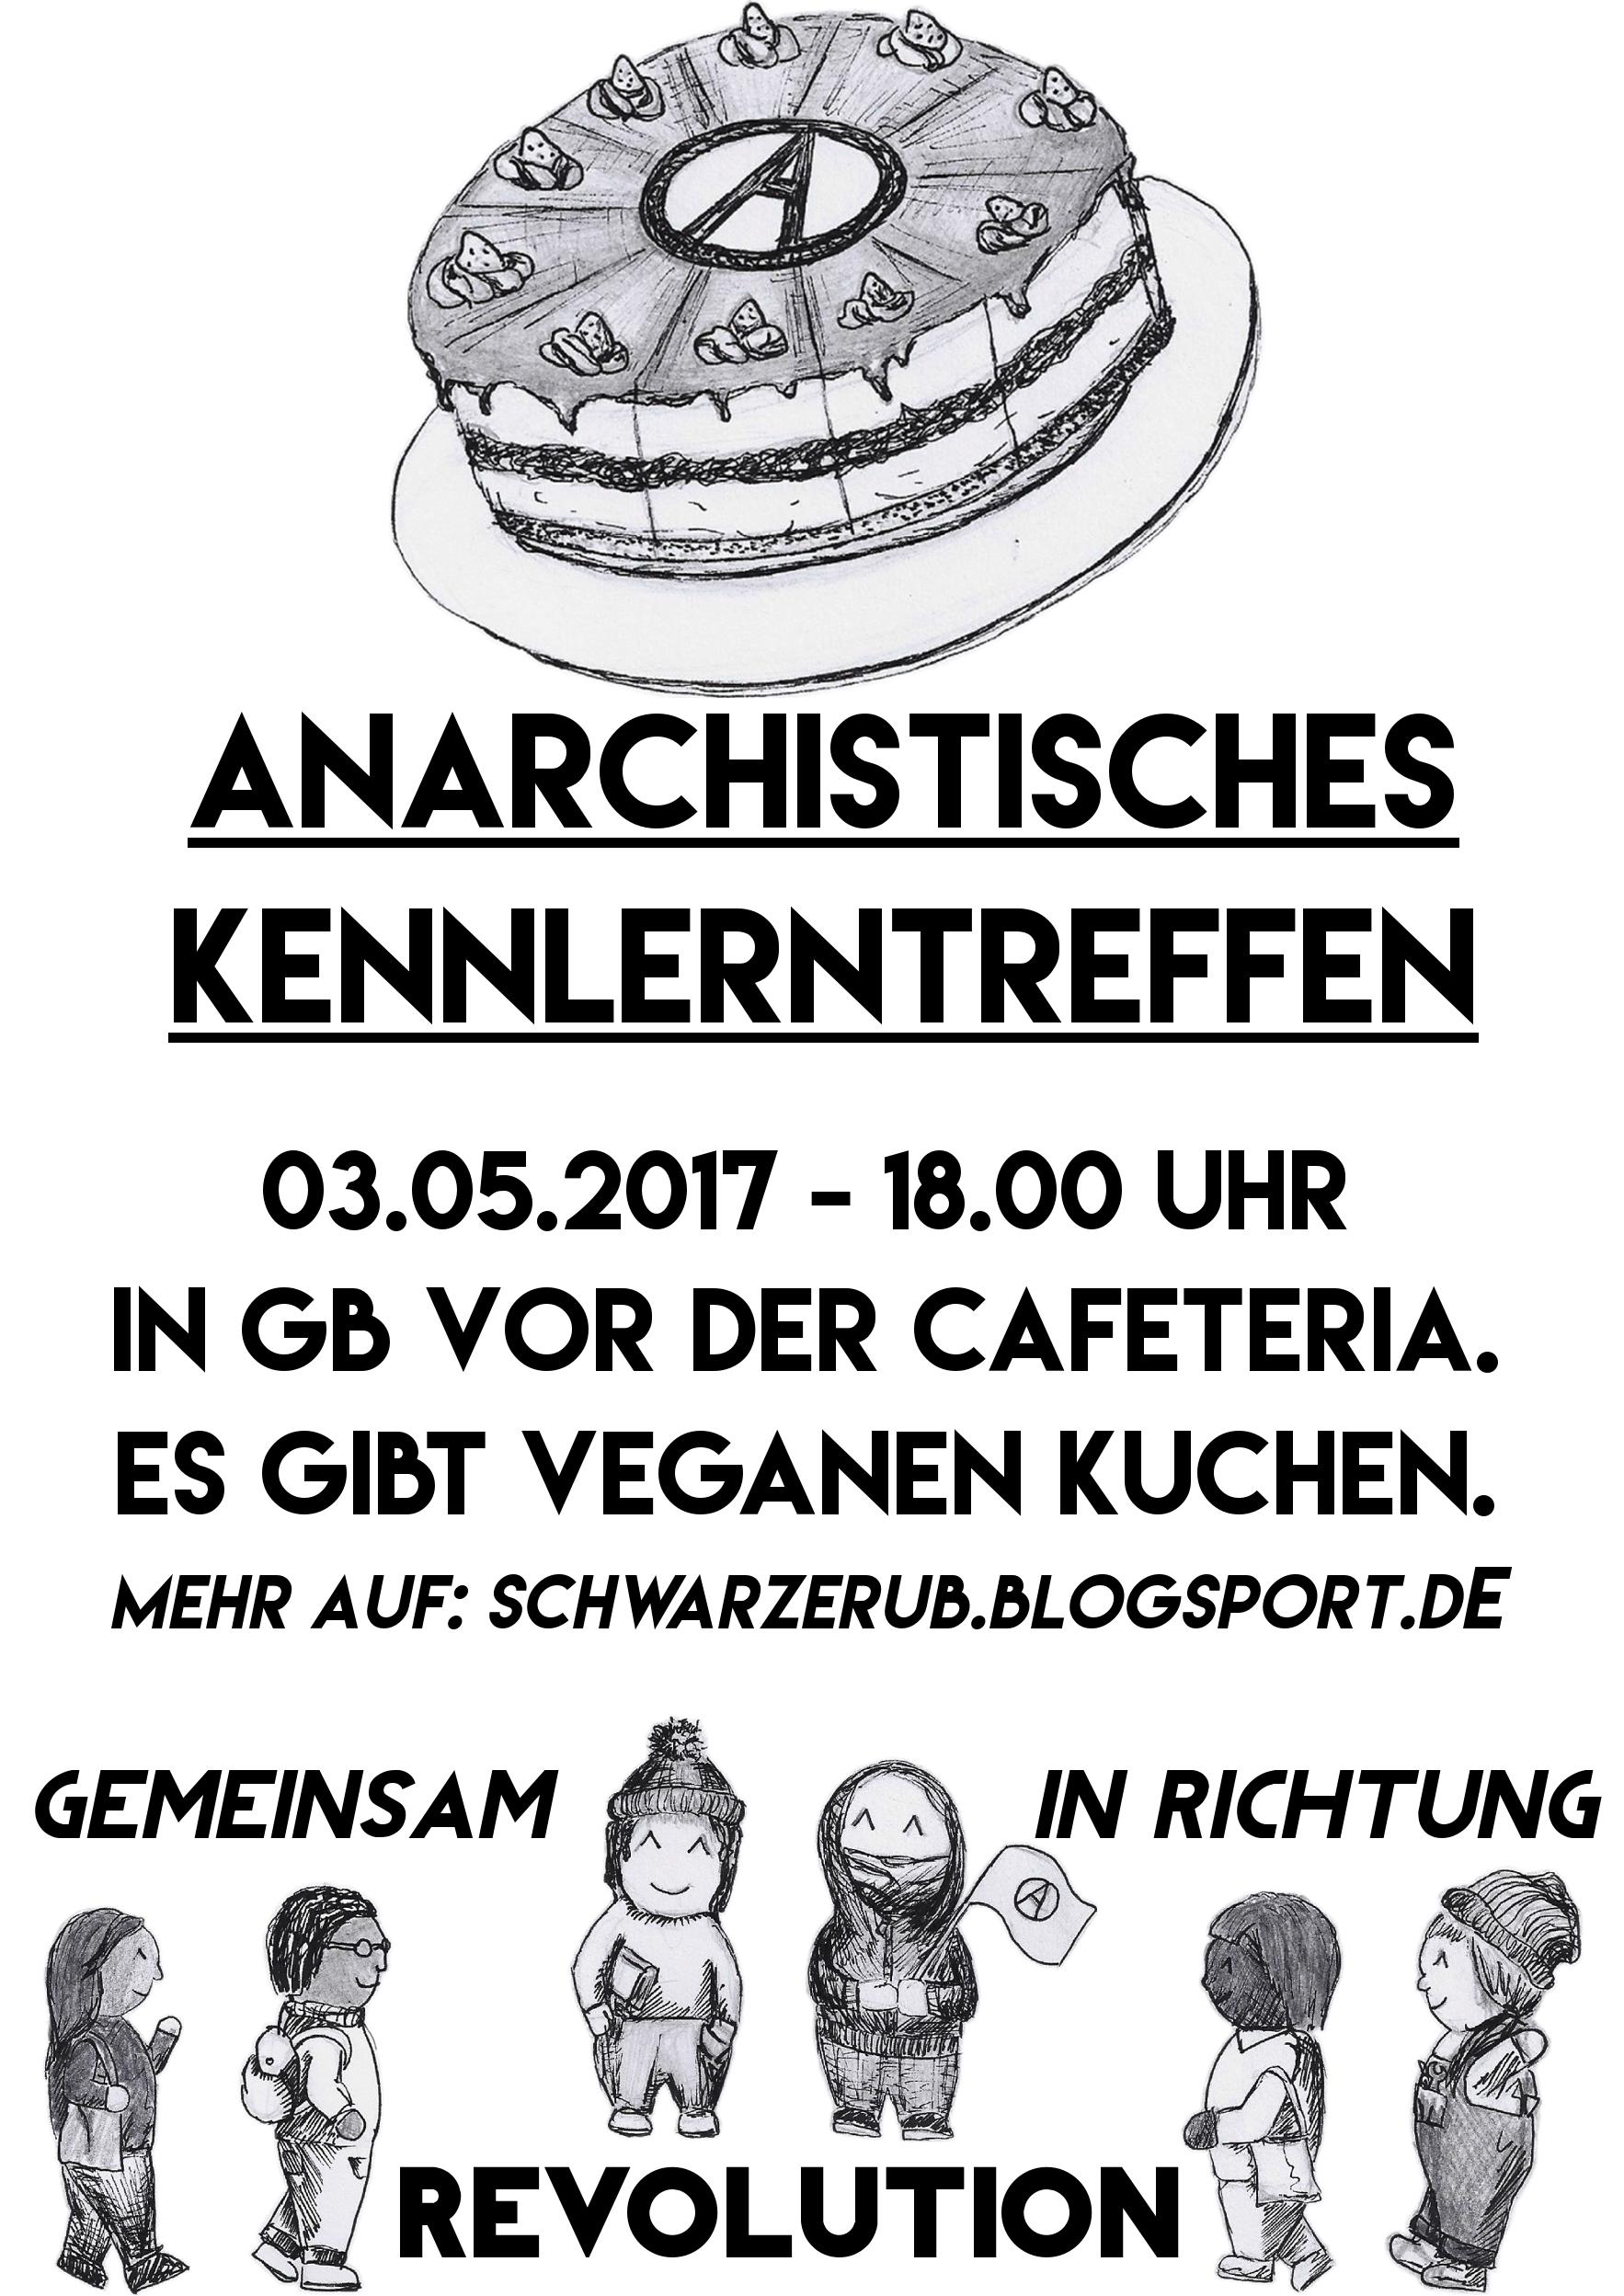 [Plakat: Anarchistisches Kennenlerntreffen 3.5.2017]